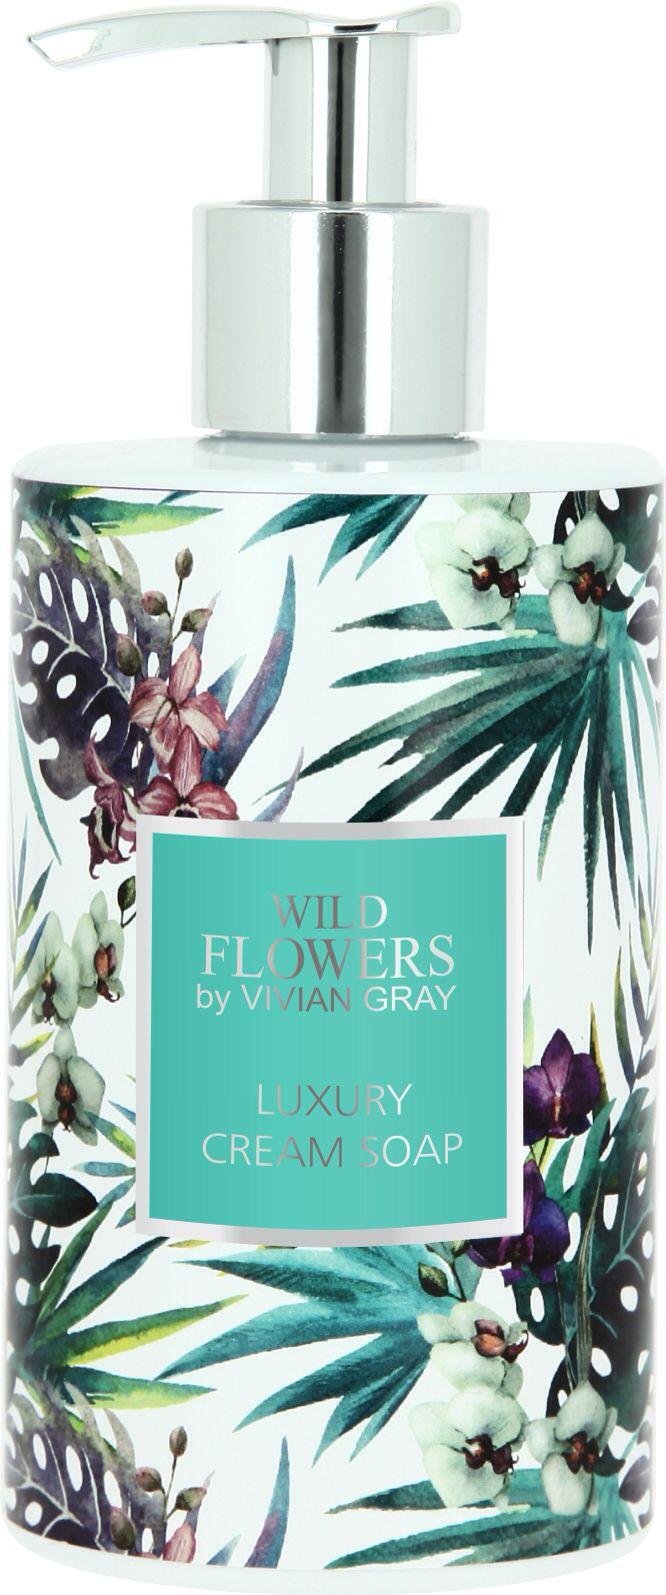 Wild flowers soap dispenser 250 ml